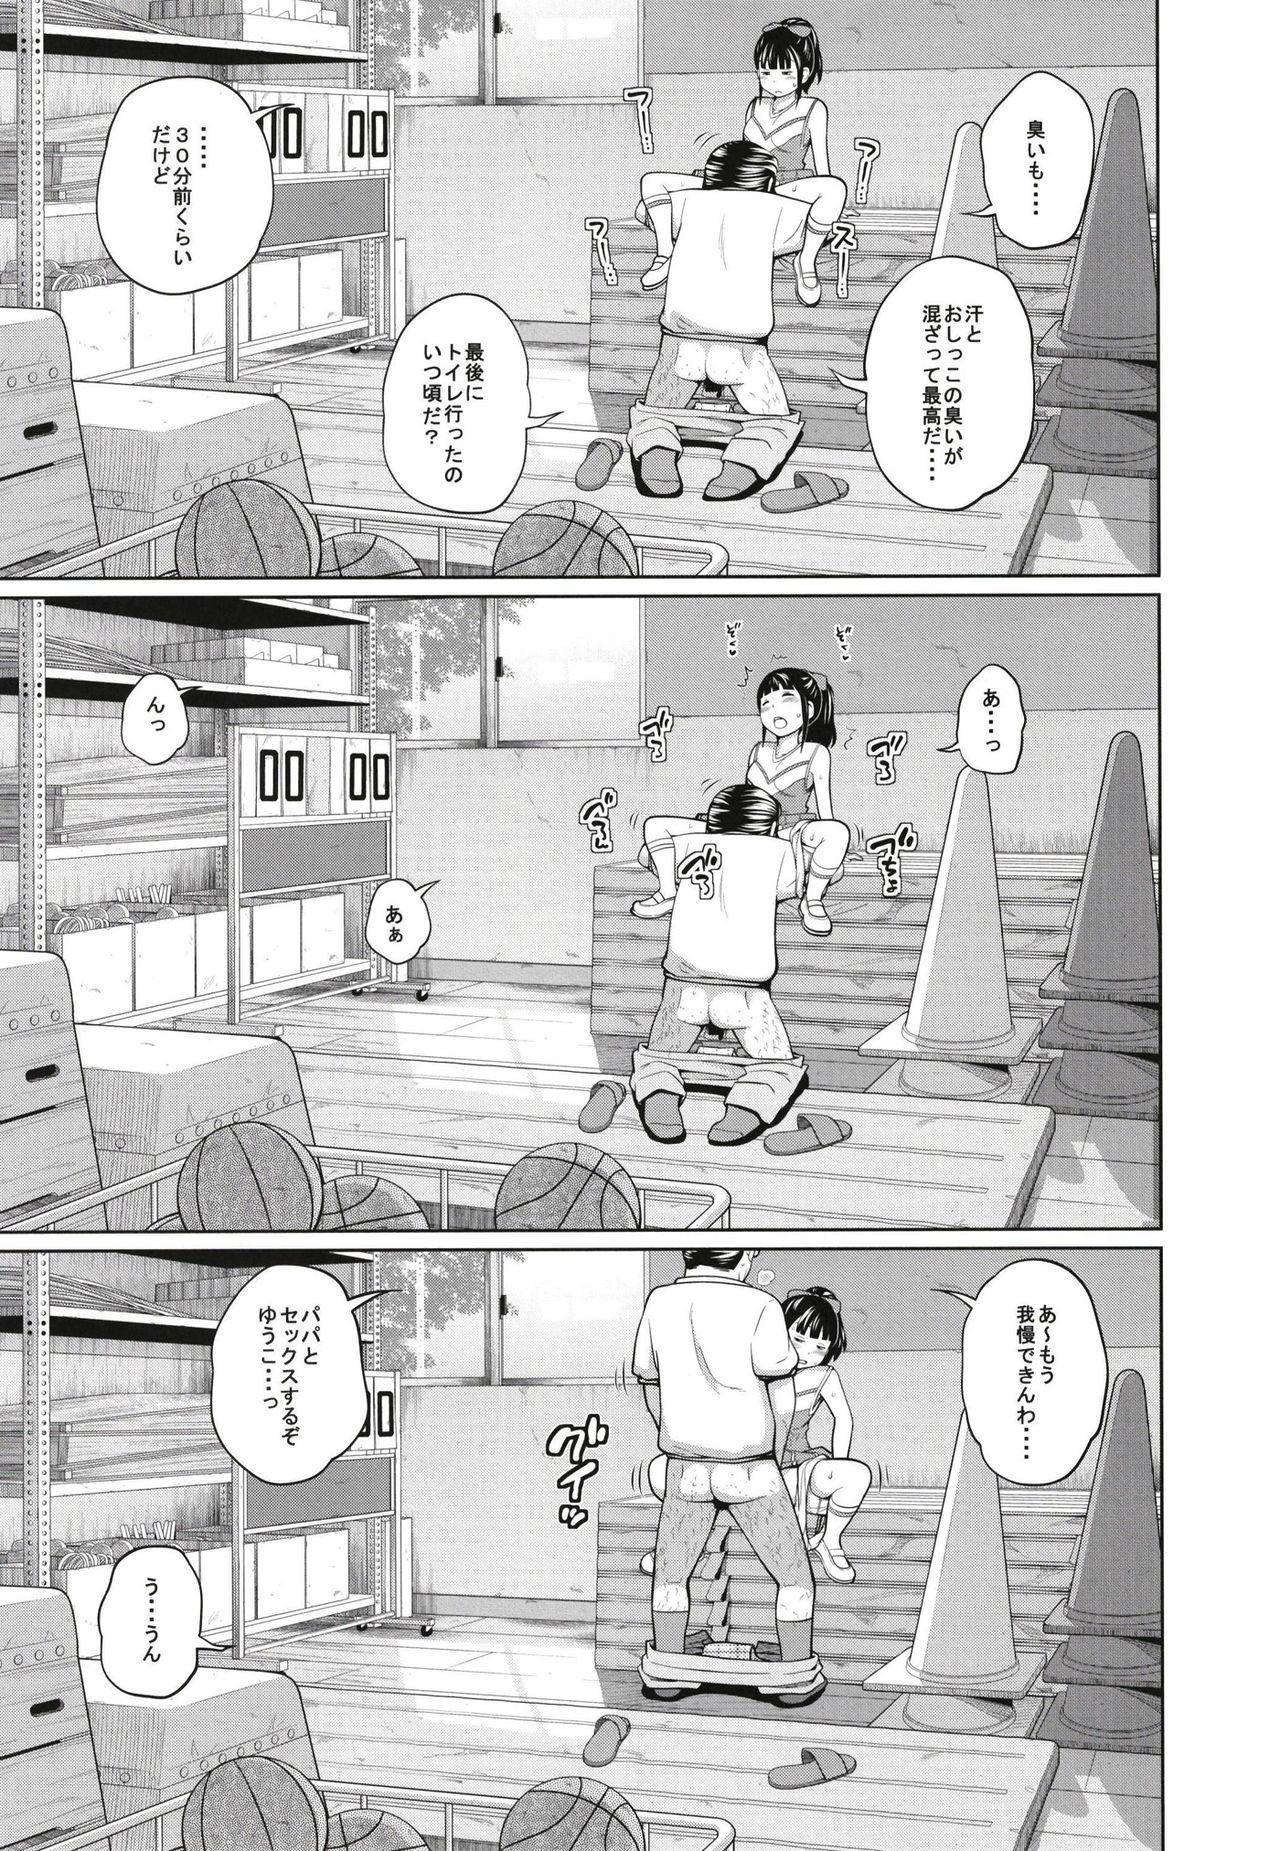 Kono Naka ni Kinshin Soukan Shiteiru Musume ga 3-nin Imasu #3 6